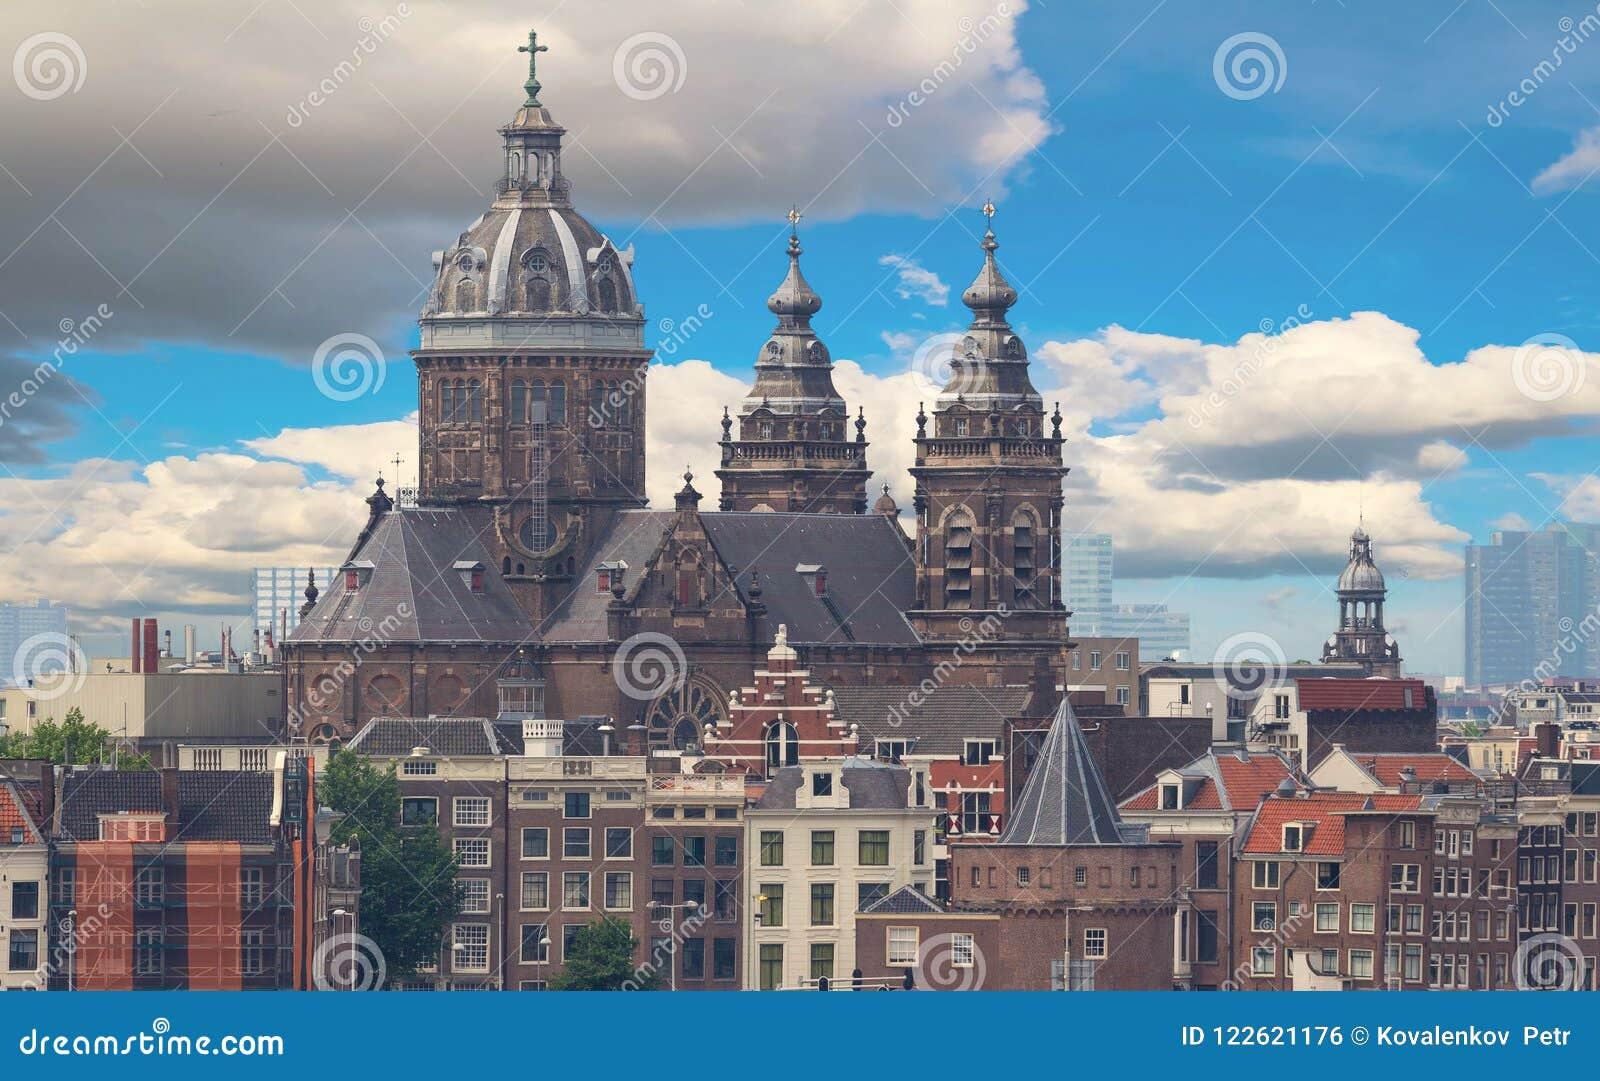 La basílica de San Nicolás está situada en el distrito viejo del centro de Amsterdam, Países Bajos